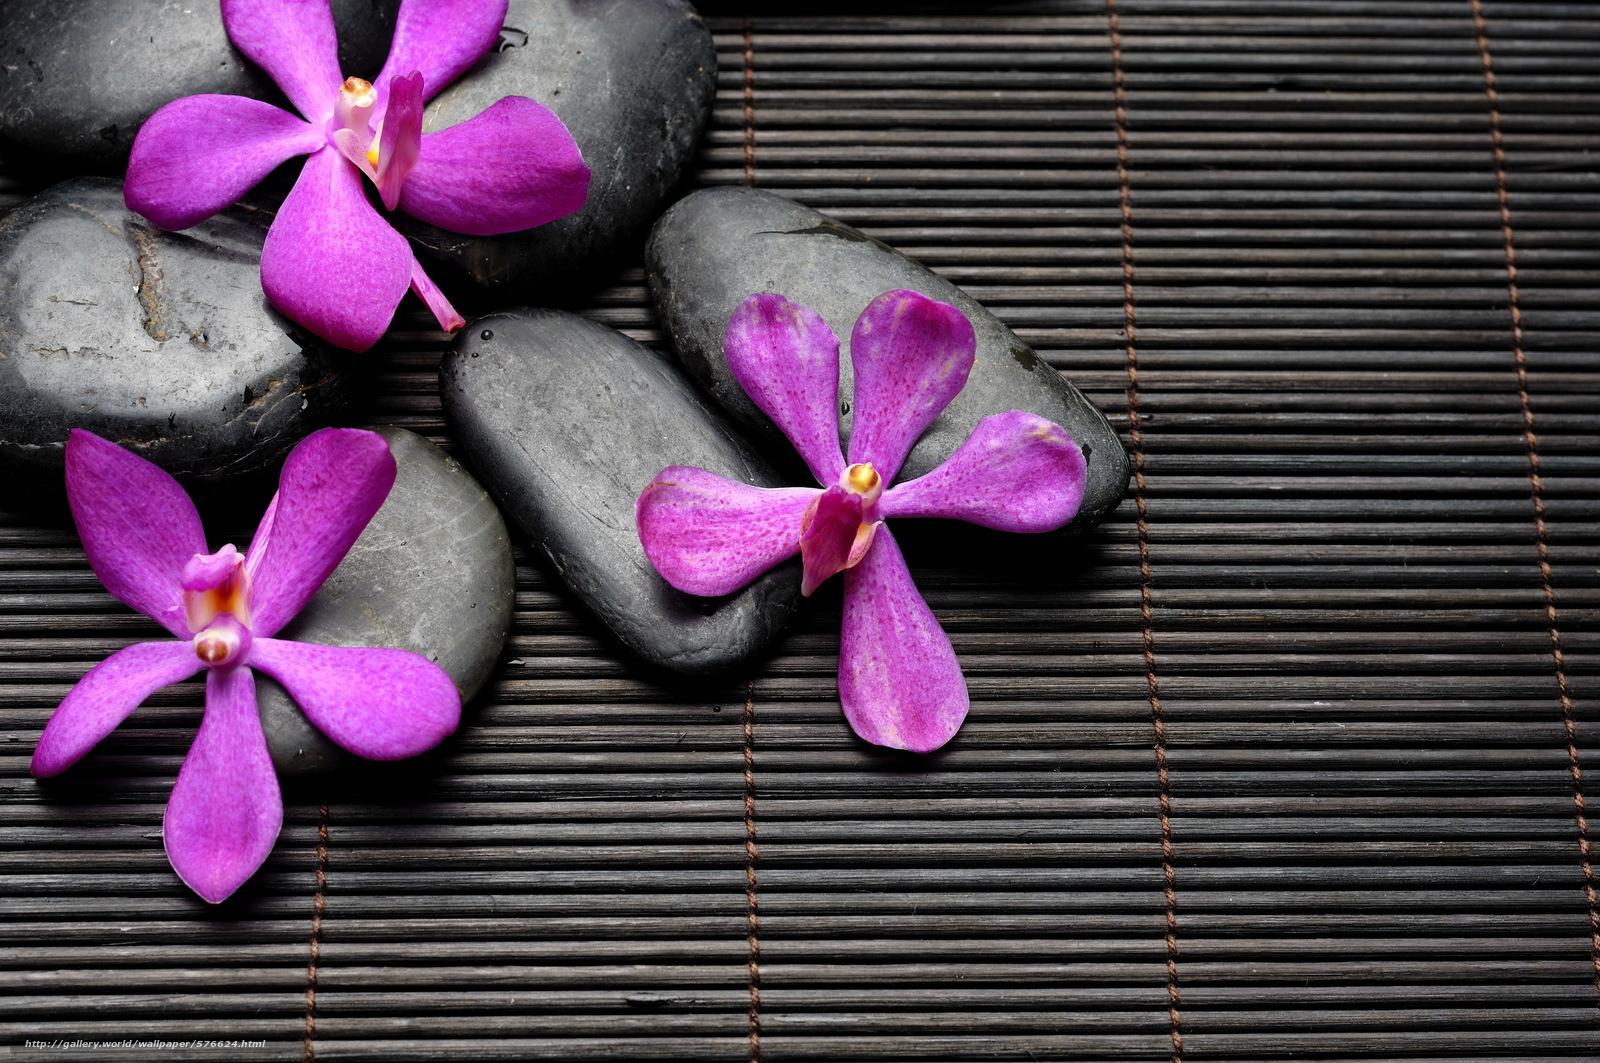 Wallpaper steine blumen  Download Hintergrund Blumen, Steine, spa Freie desktop Tapeten in ...